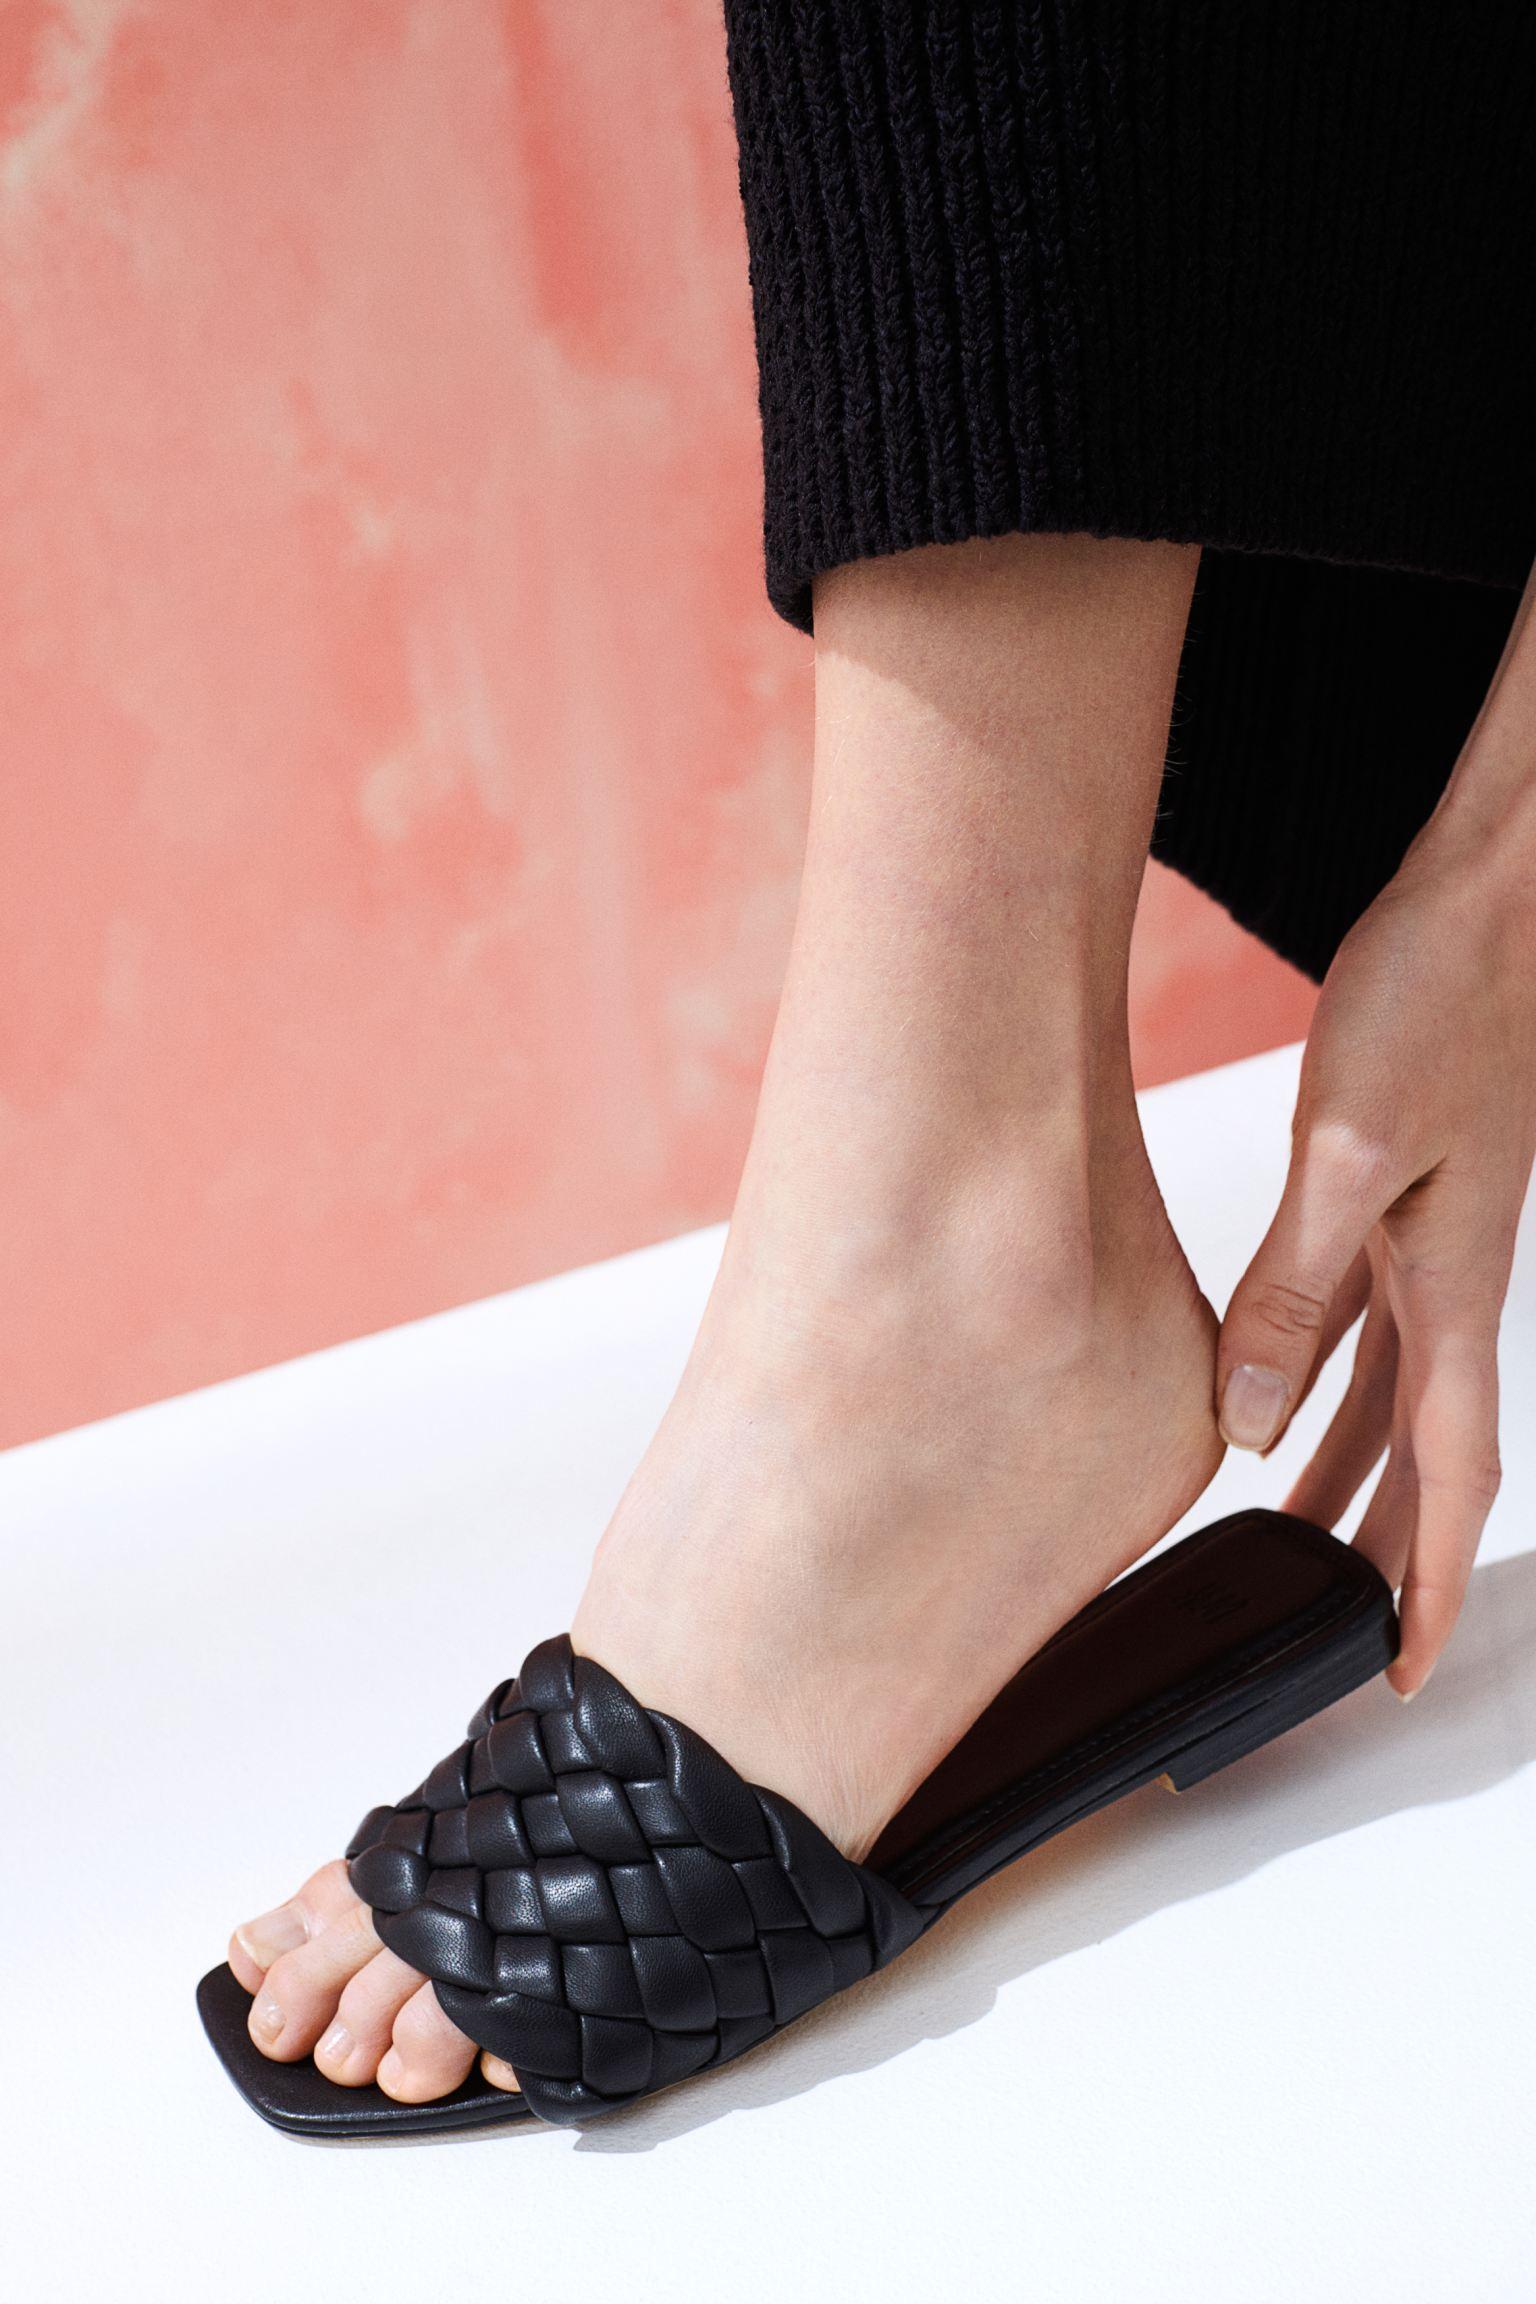 Sandalias abiertas guateadas